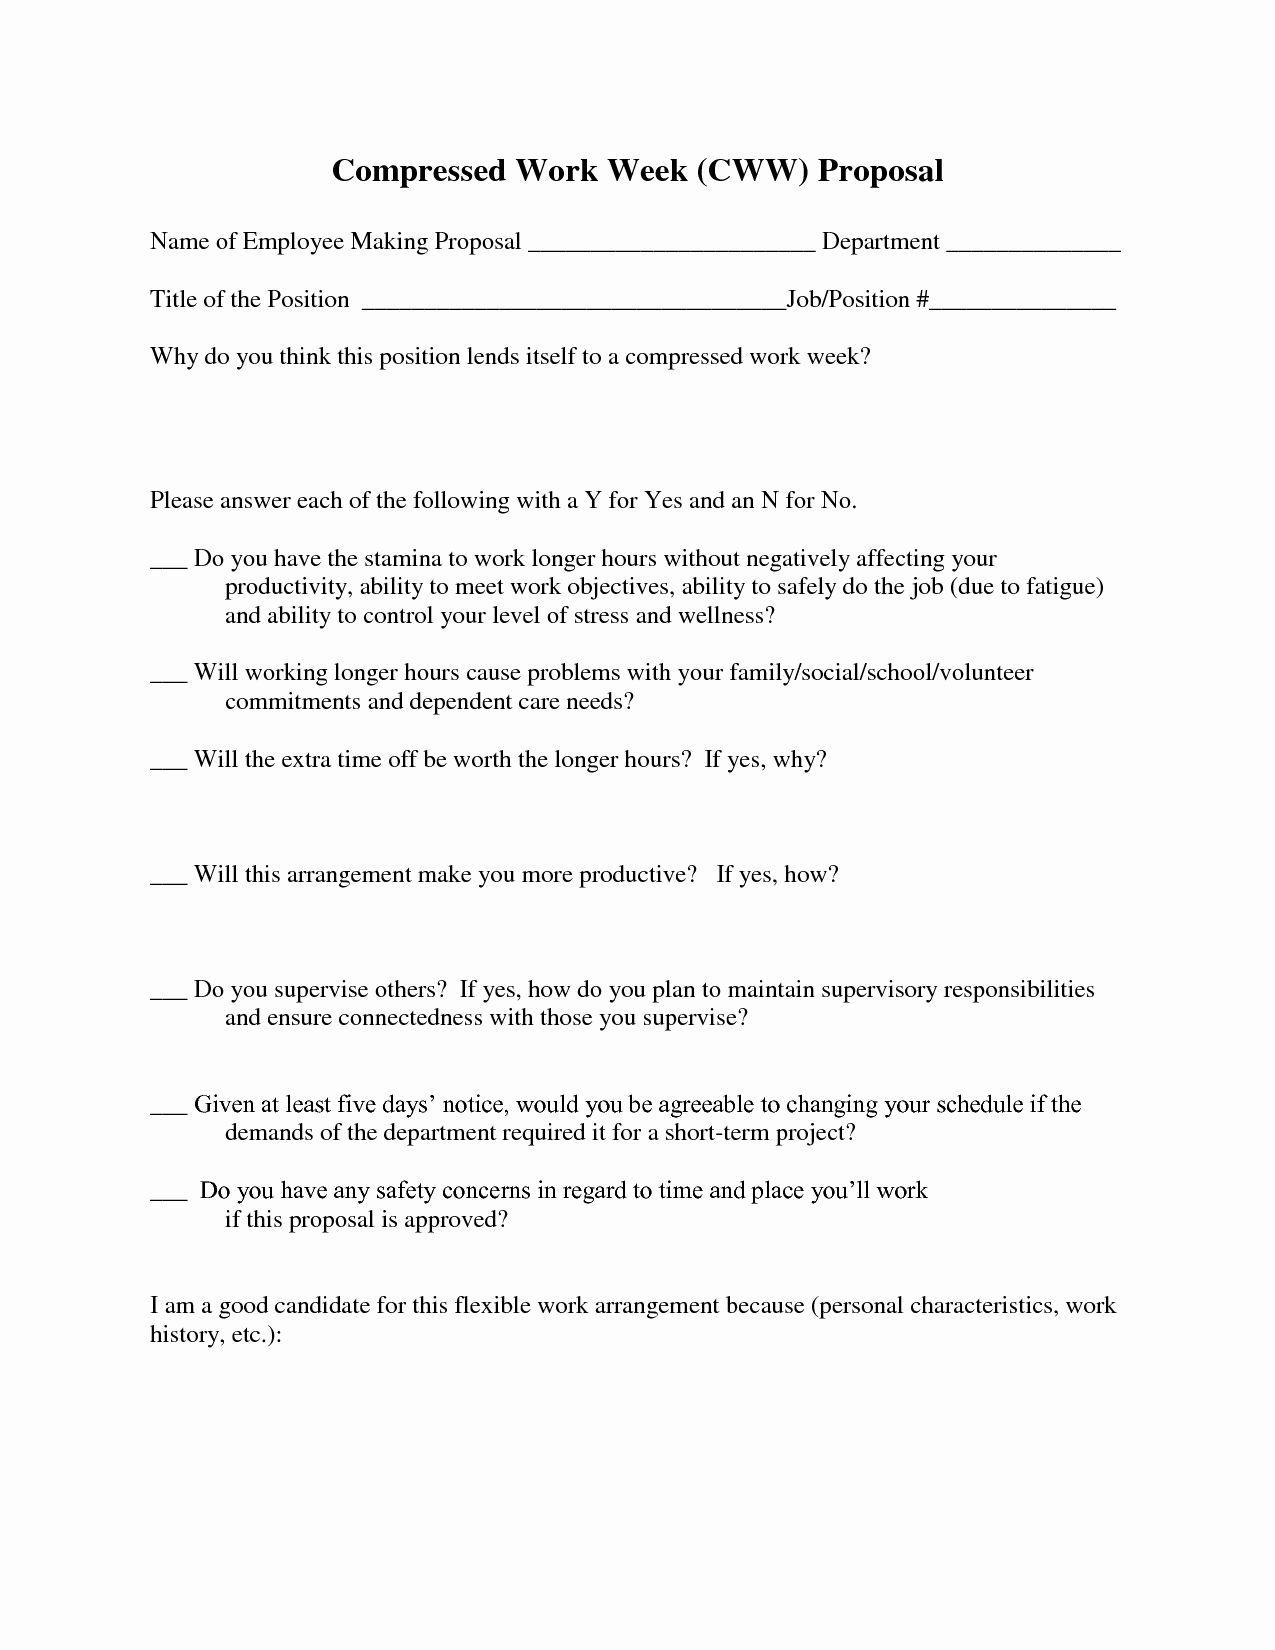 Sample Job Proposal Template Inspirational Job Proposal Template Proposal Templates Business Proposal Template Proposal